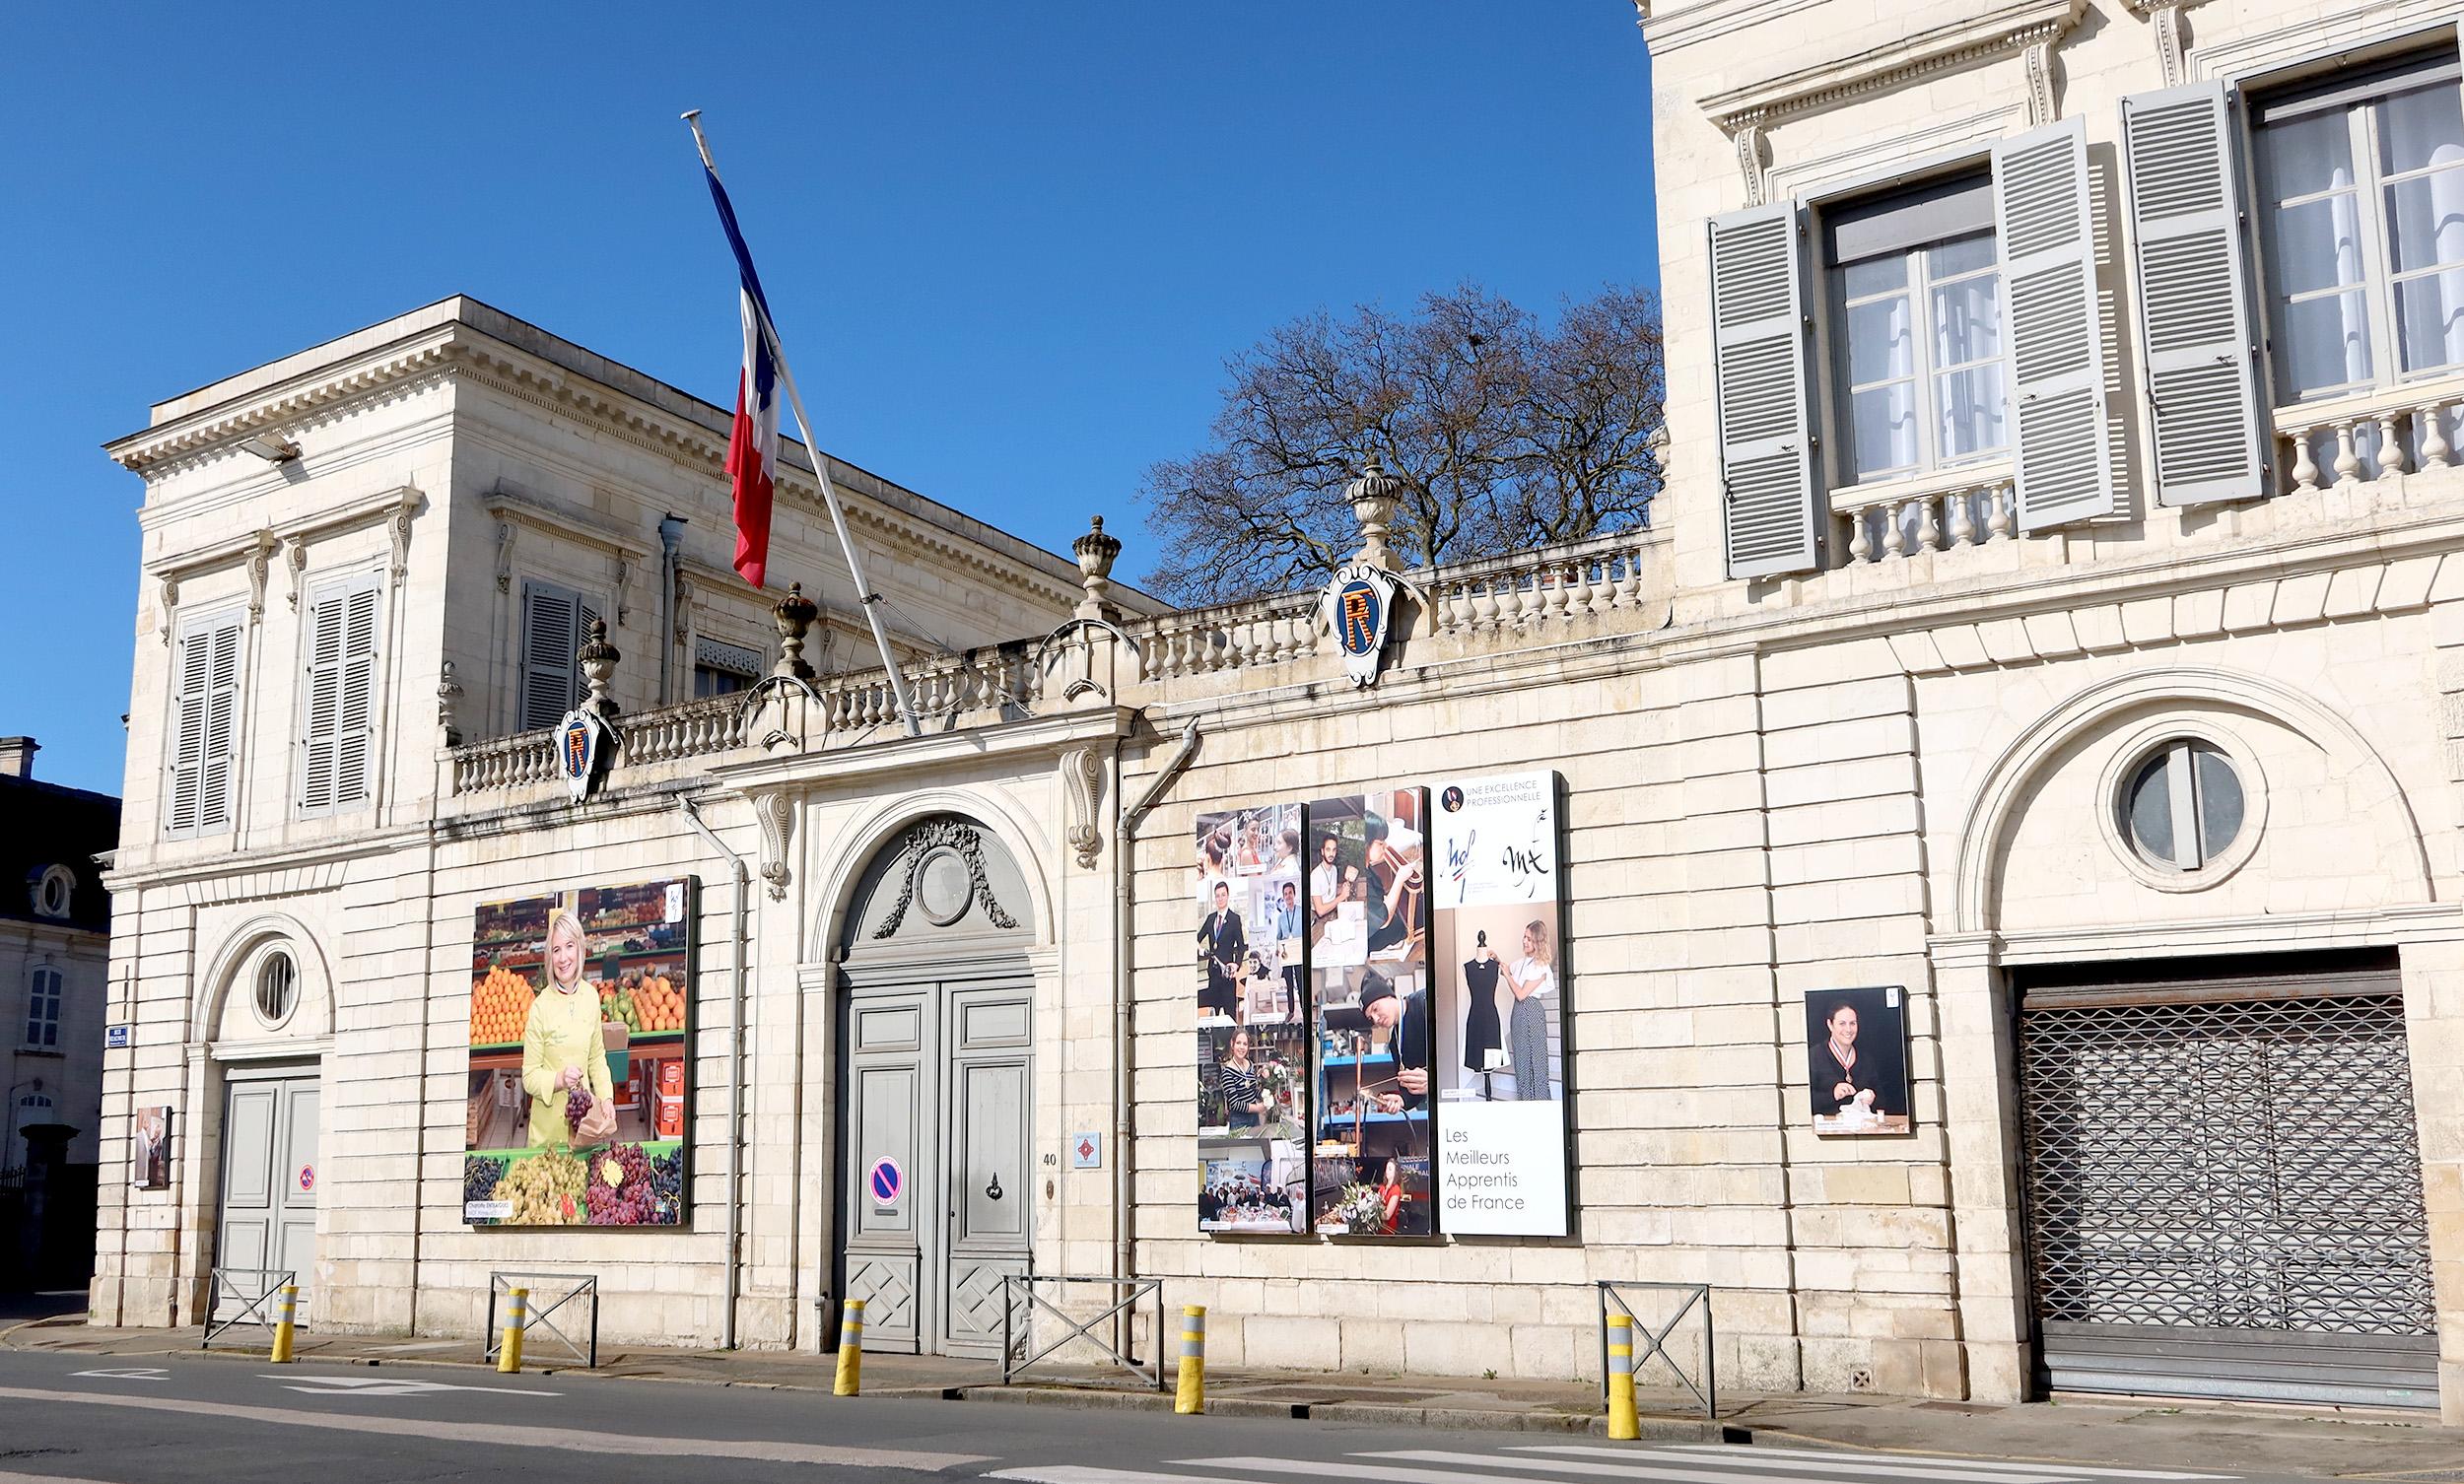 Préfecture de la Charente-Maritime. La Rochelle. Ludovic Sarrazin